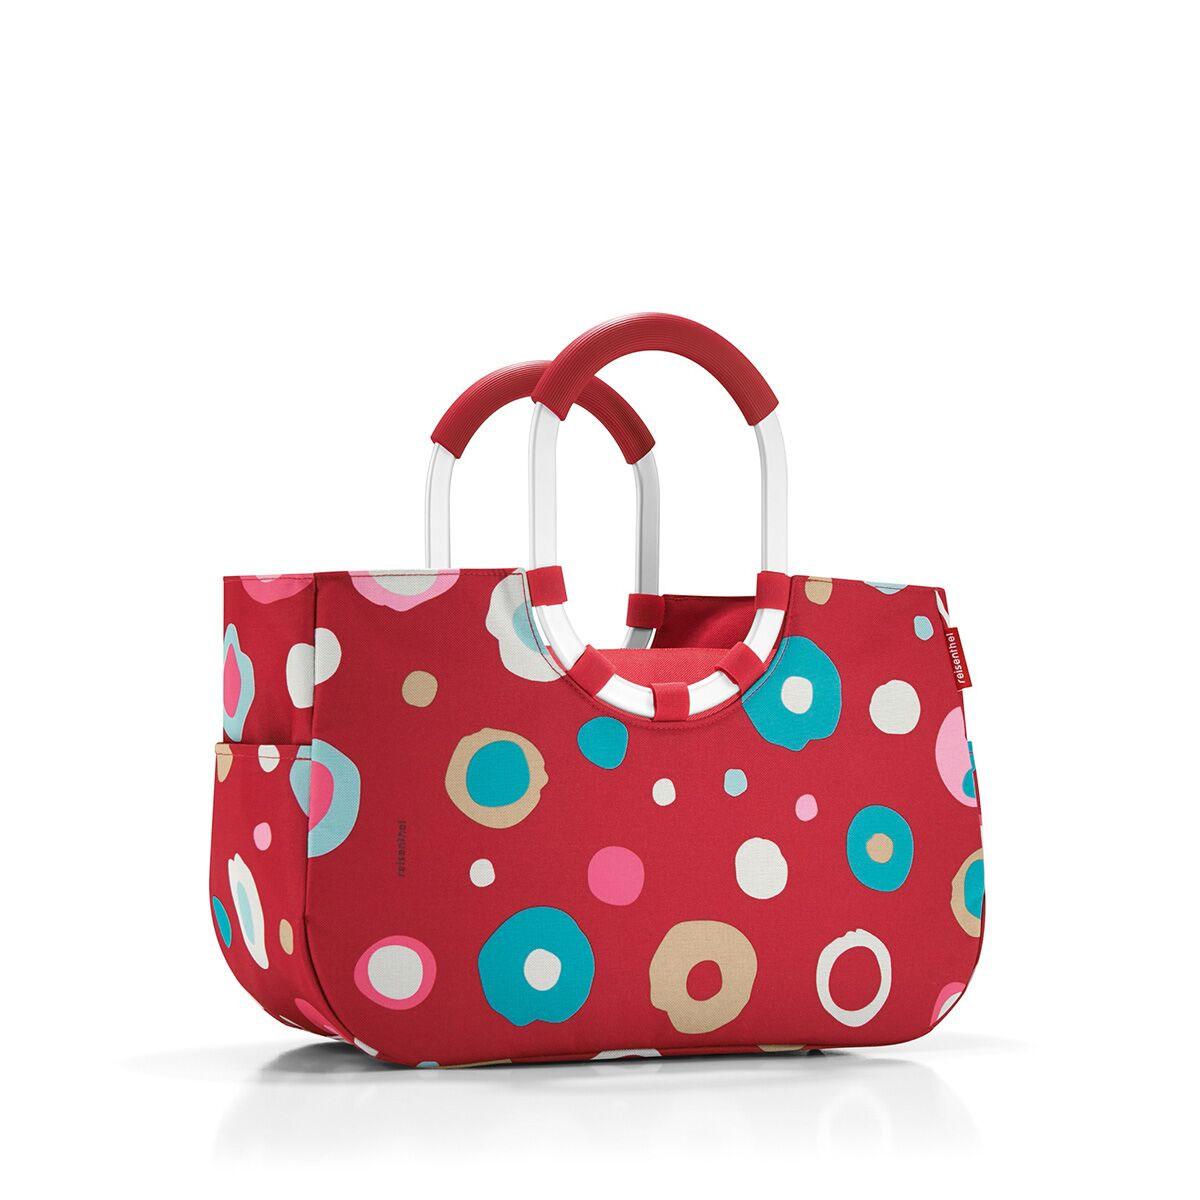 Сумка женская Reisenthel, цвет: темно-красный, голубой, розовый. OS3048OS3048Практичная женская сумка Reisenthel изготовлена из текстиля и оформлена оригинальным принтом. Сумка имеет одно отделение, внутри которого находится прорезной карман на застежке-молнии. Снаружи, по боковым сторонам сумки расположены накладные открытые карманы. Изделие оснащено съемным отделением на застежке-молнии, которое пристегивается к сумке с помощью хлястиков с кнопками. Съемное отделение снаружи дополнено прорезным карманом на застежке-молнии и накладным открытым кармашком. Сумка оснащена двумя алюминиевыми ручками с прорезиненными накладками, которые фиксируются с помощью липучек. Основание изделия защищено от повреждений пластиковыми ножками.